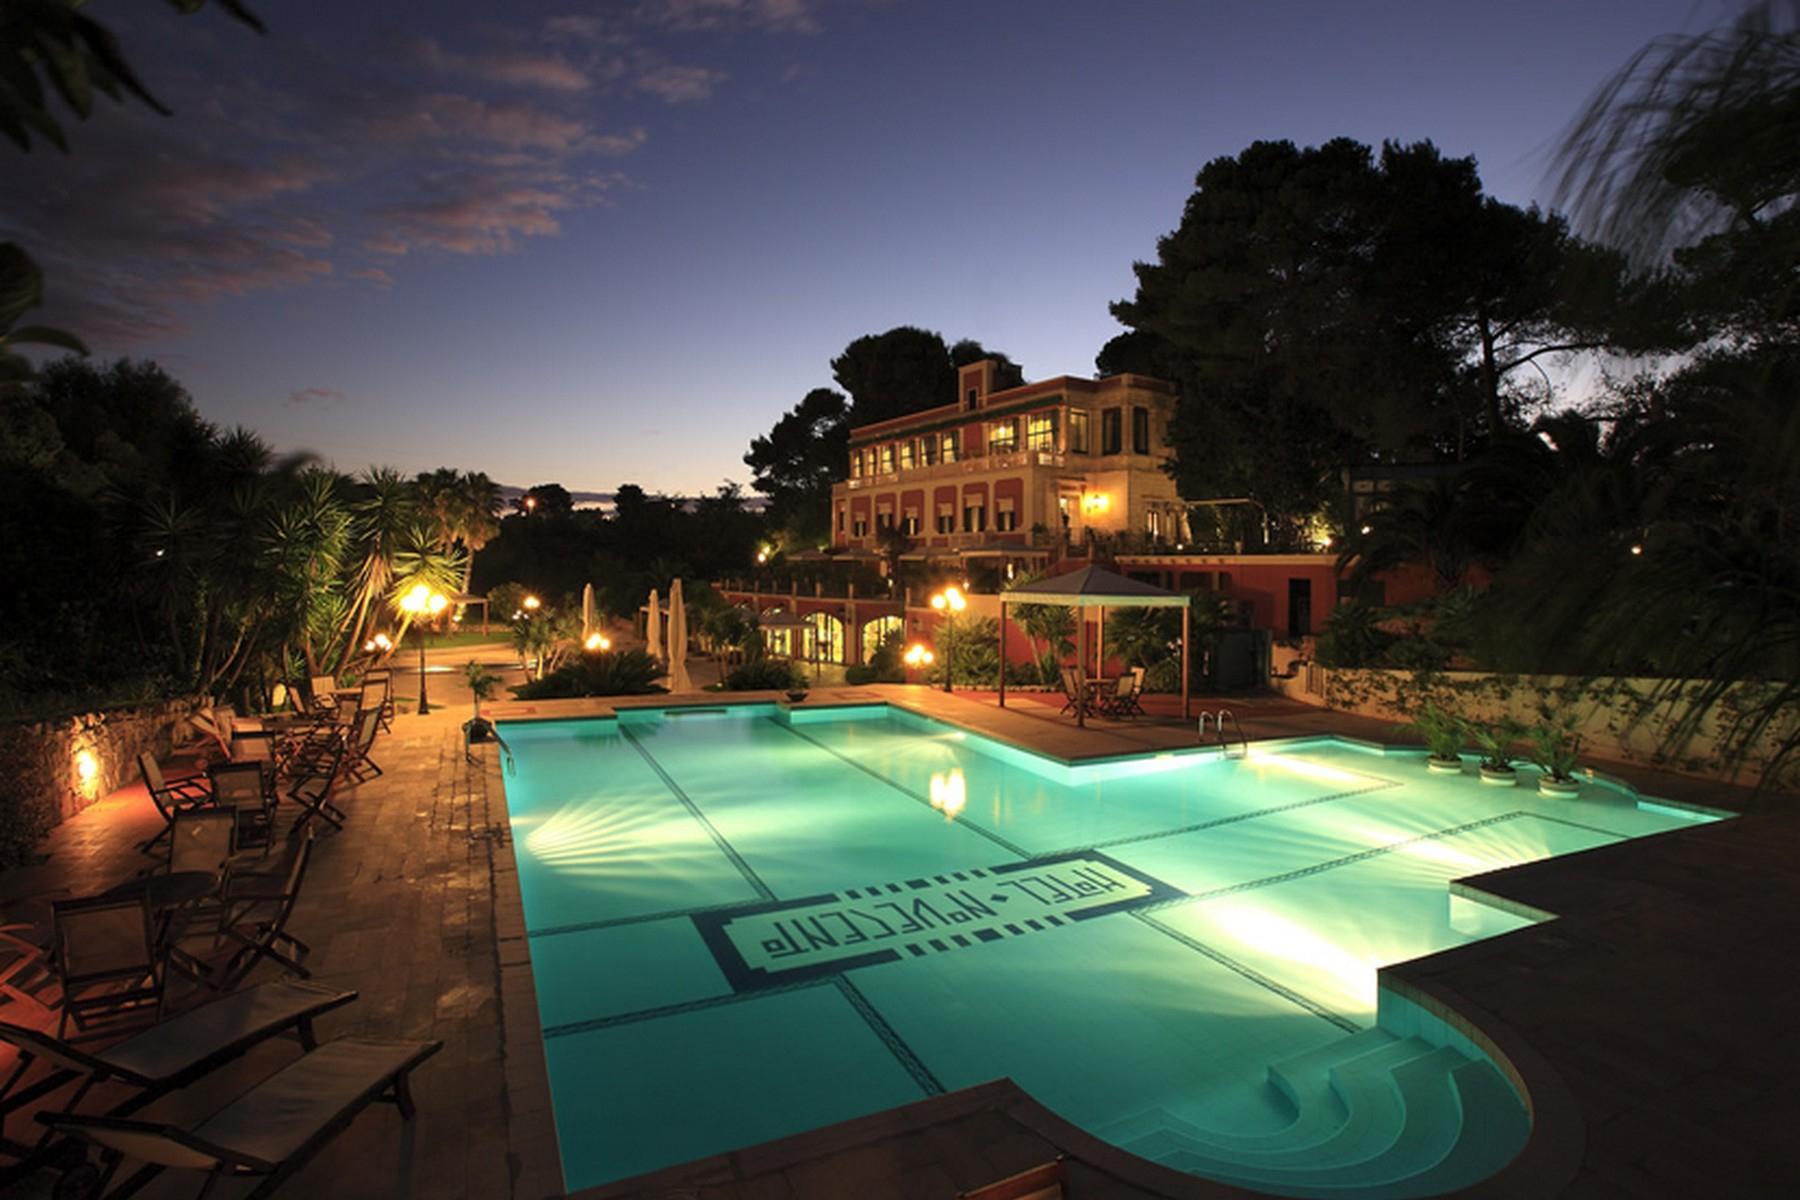 Bellissima residenza nobiliare con giardino e piscina - 1